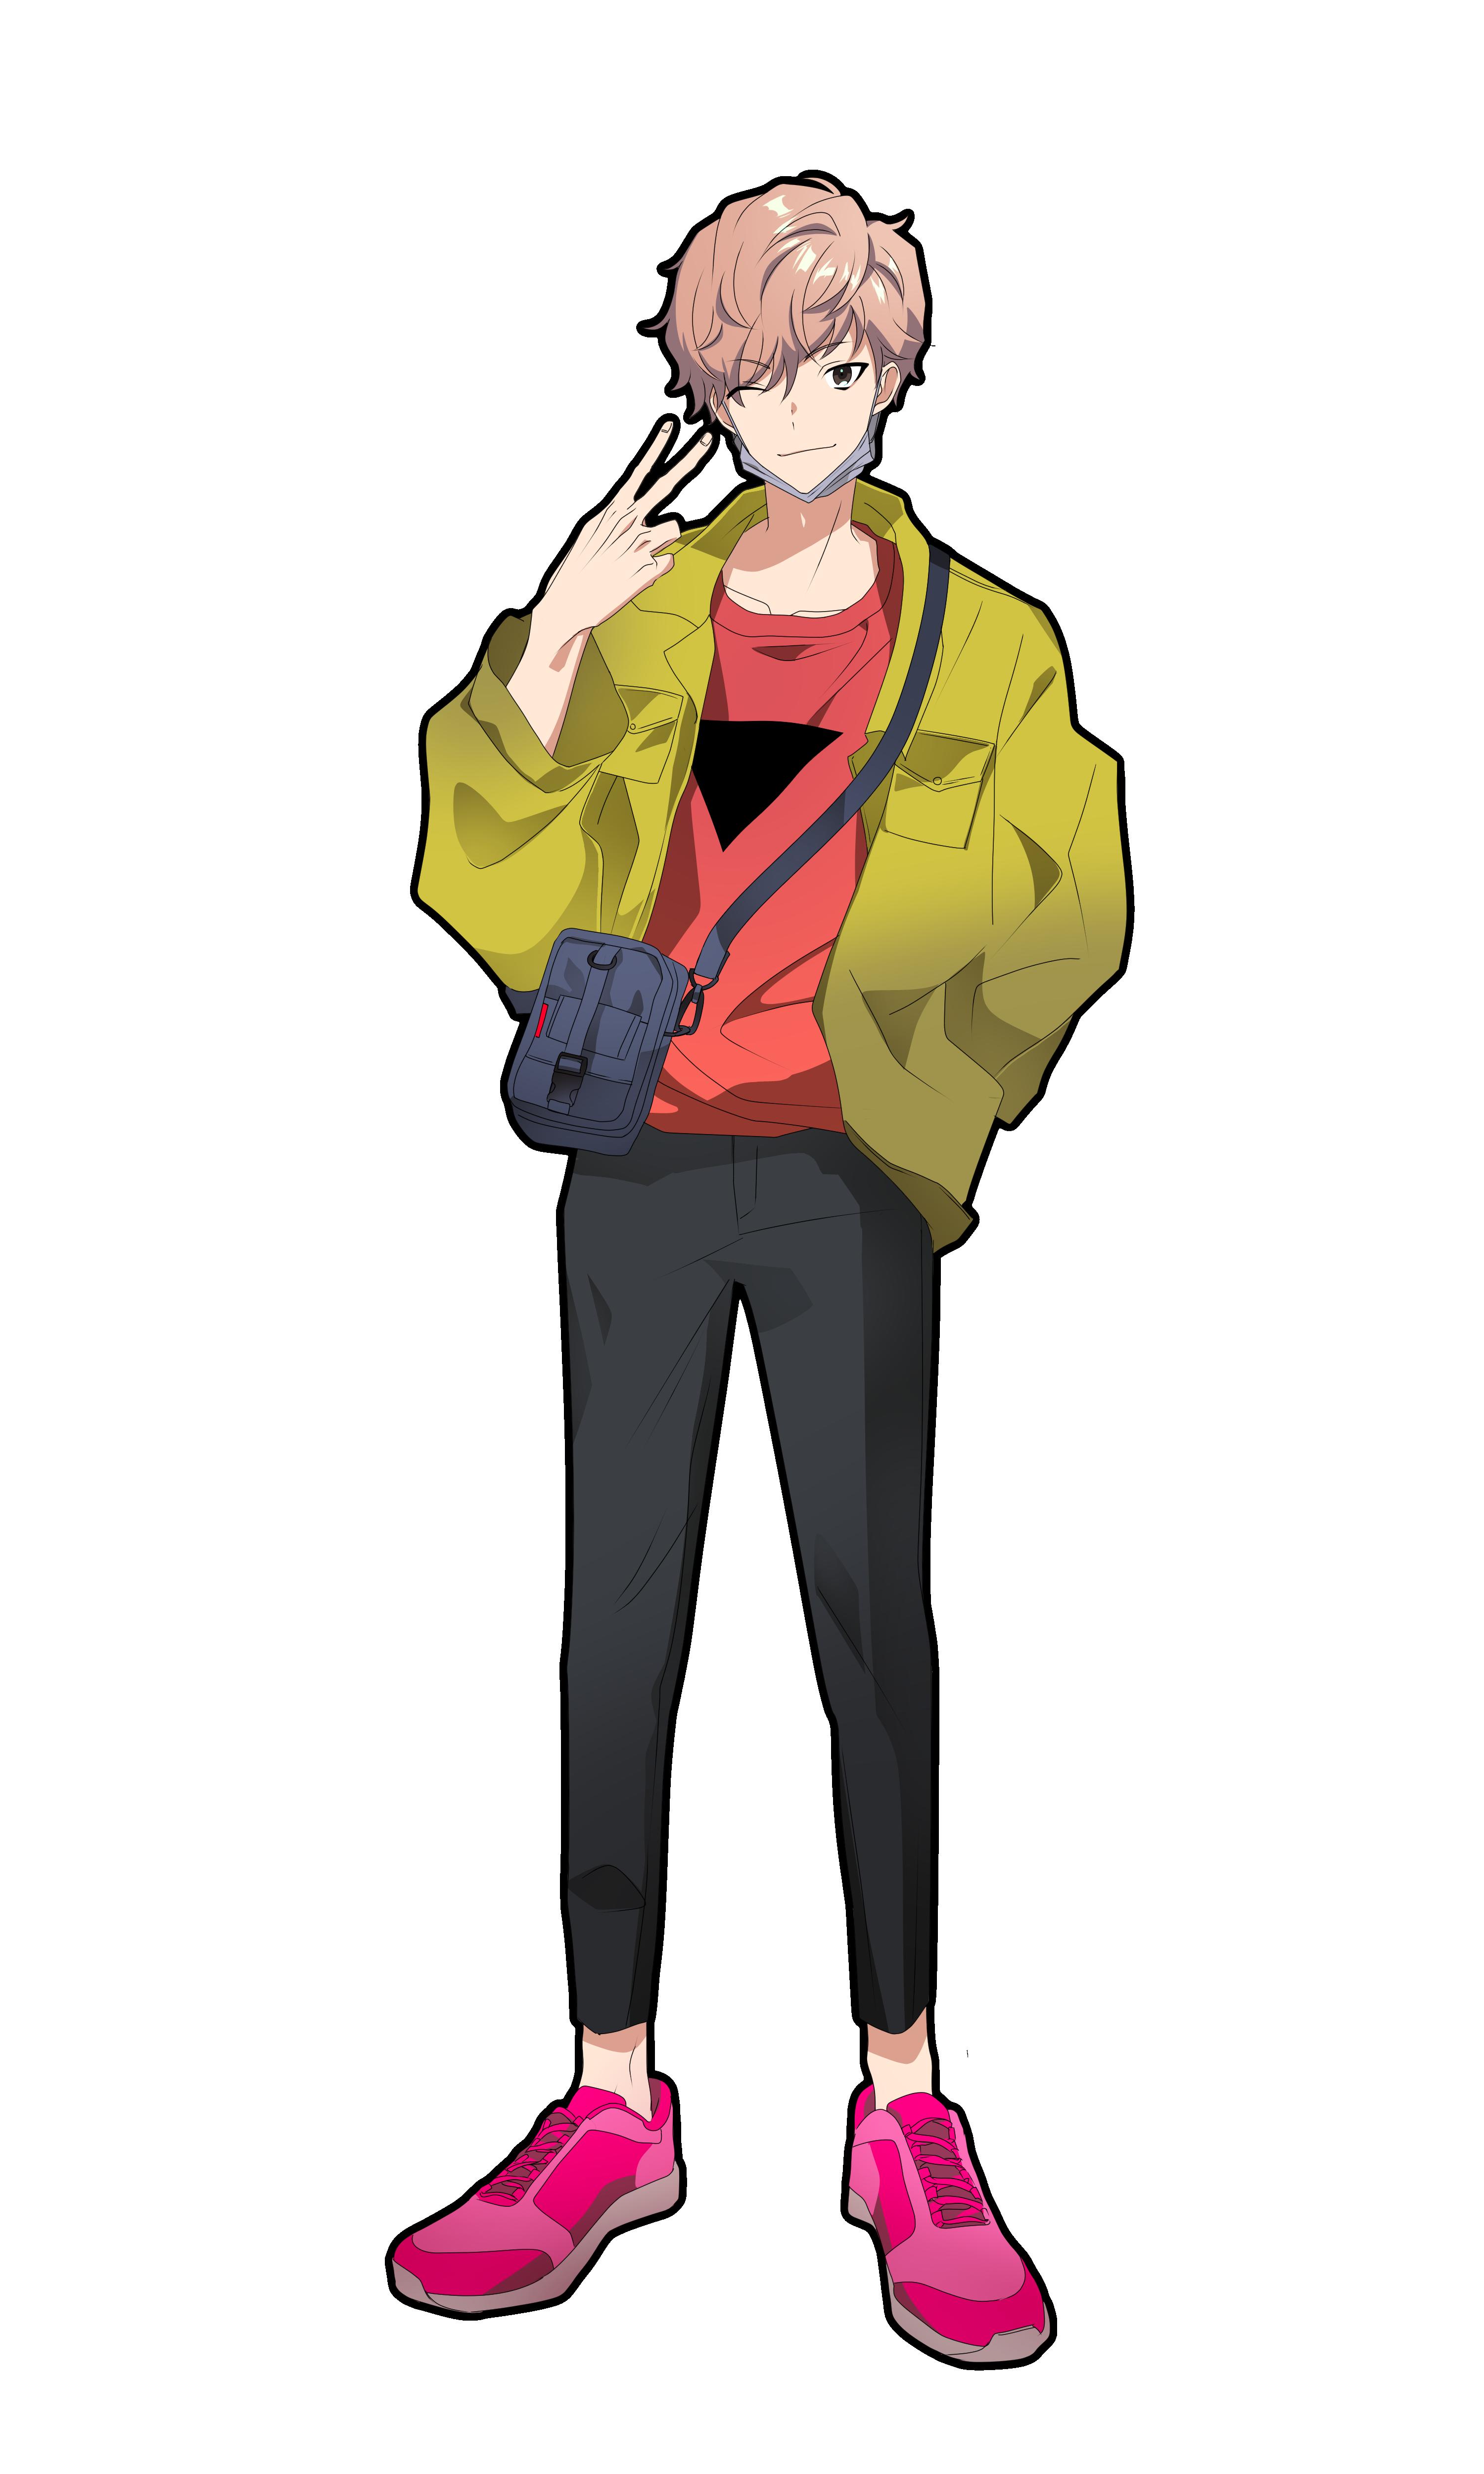 朱里ナツキ(あかり なつき)